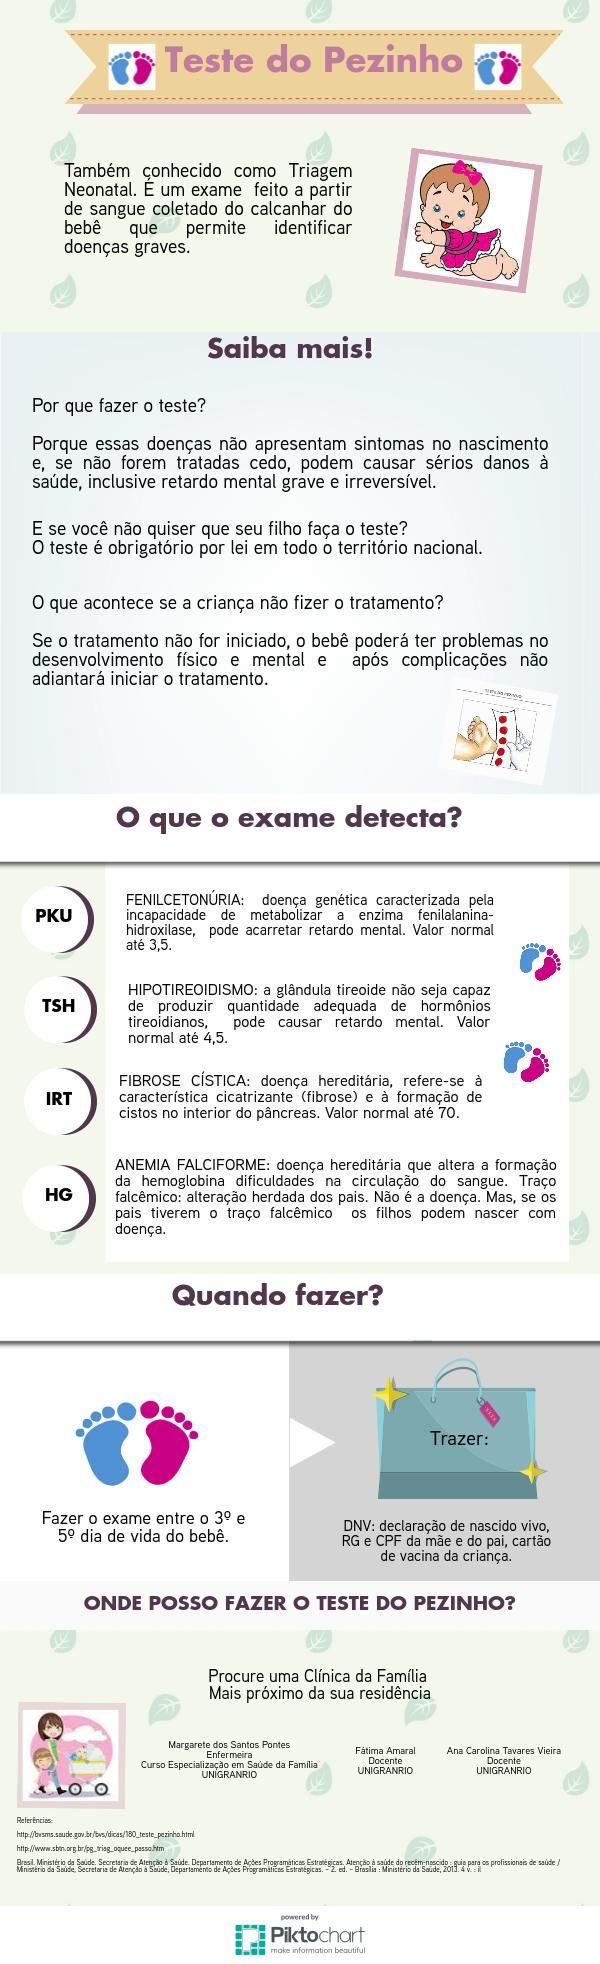 Teste do Pezinho | Piktochart Infographic Editor